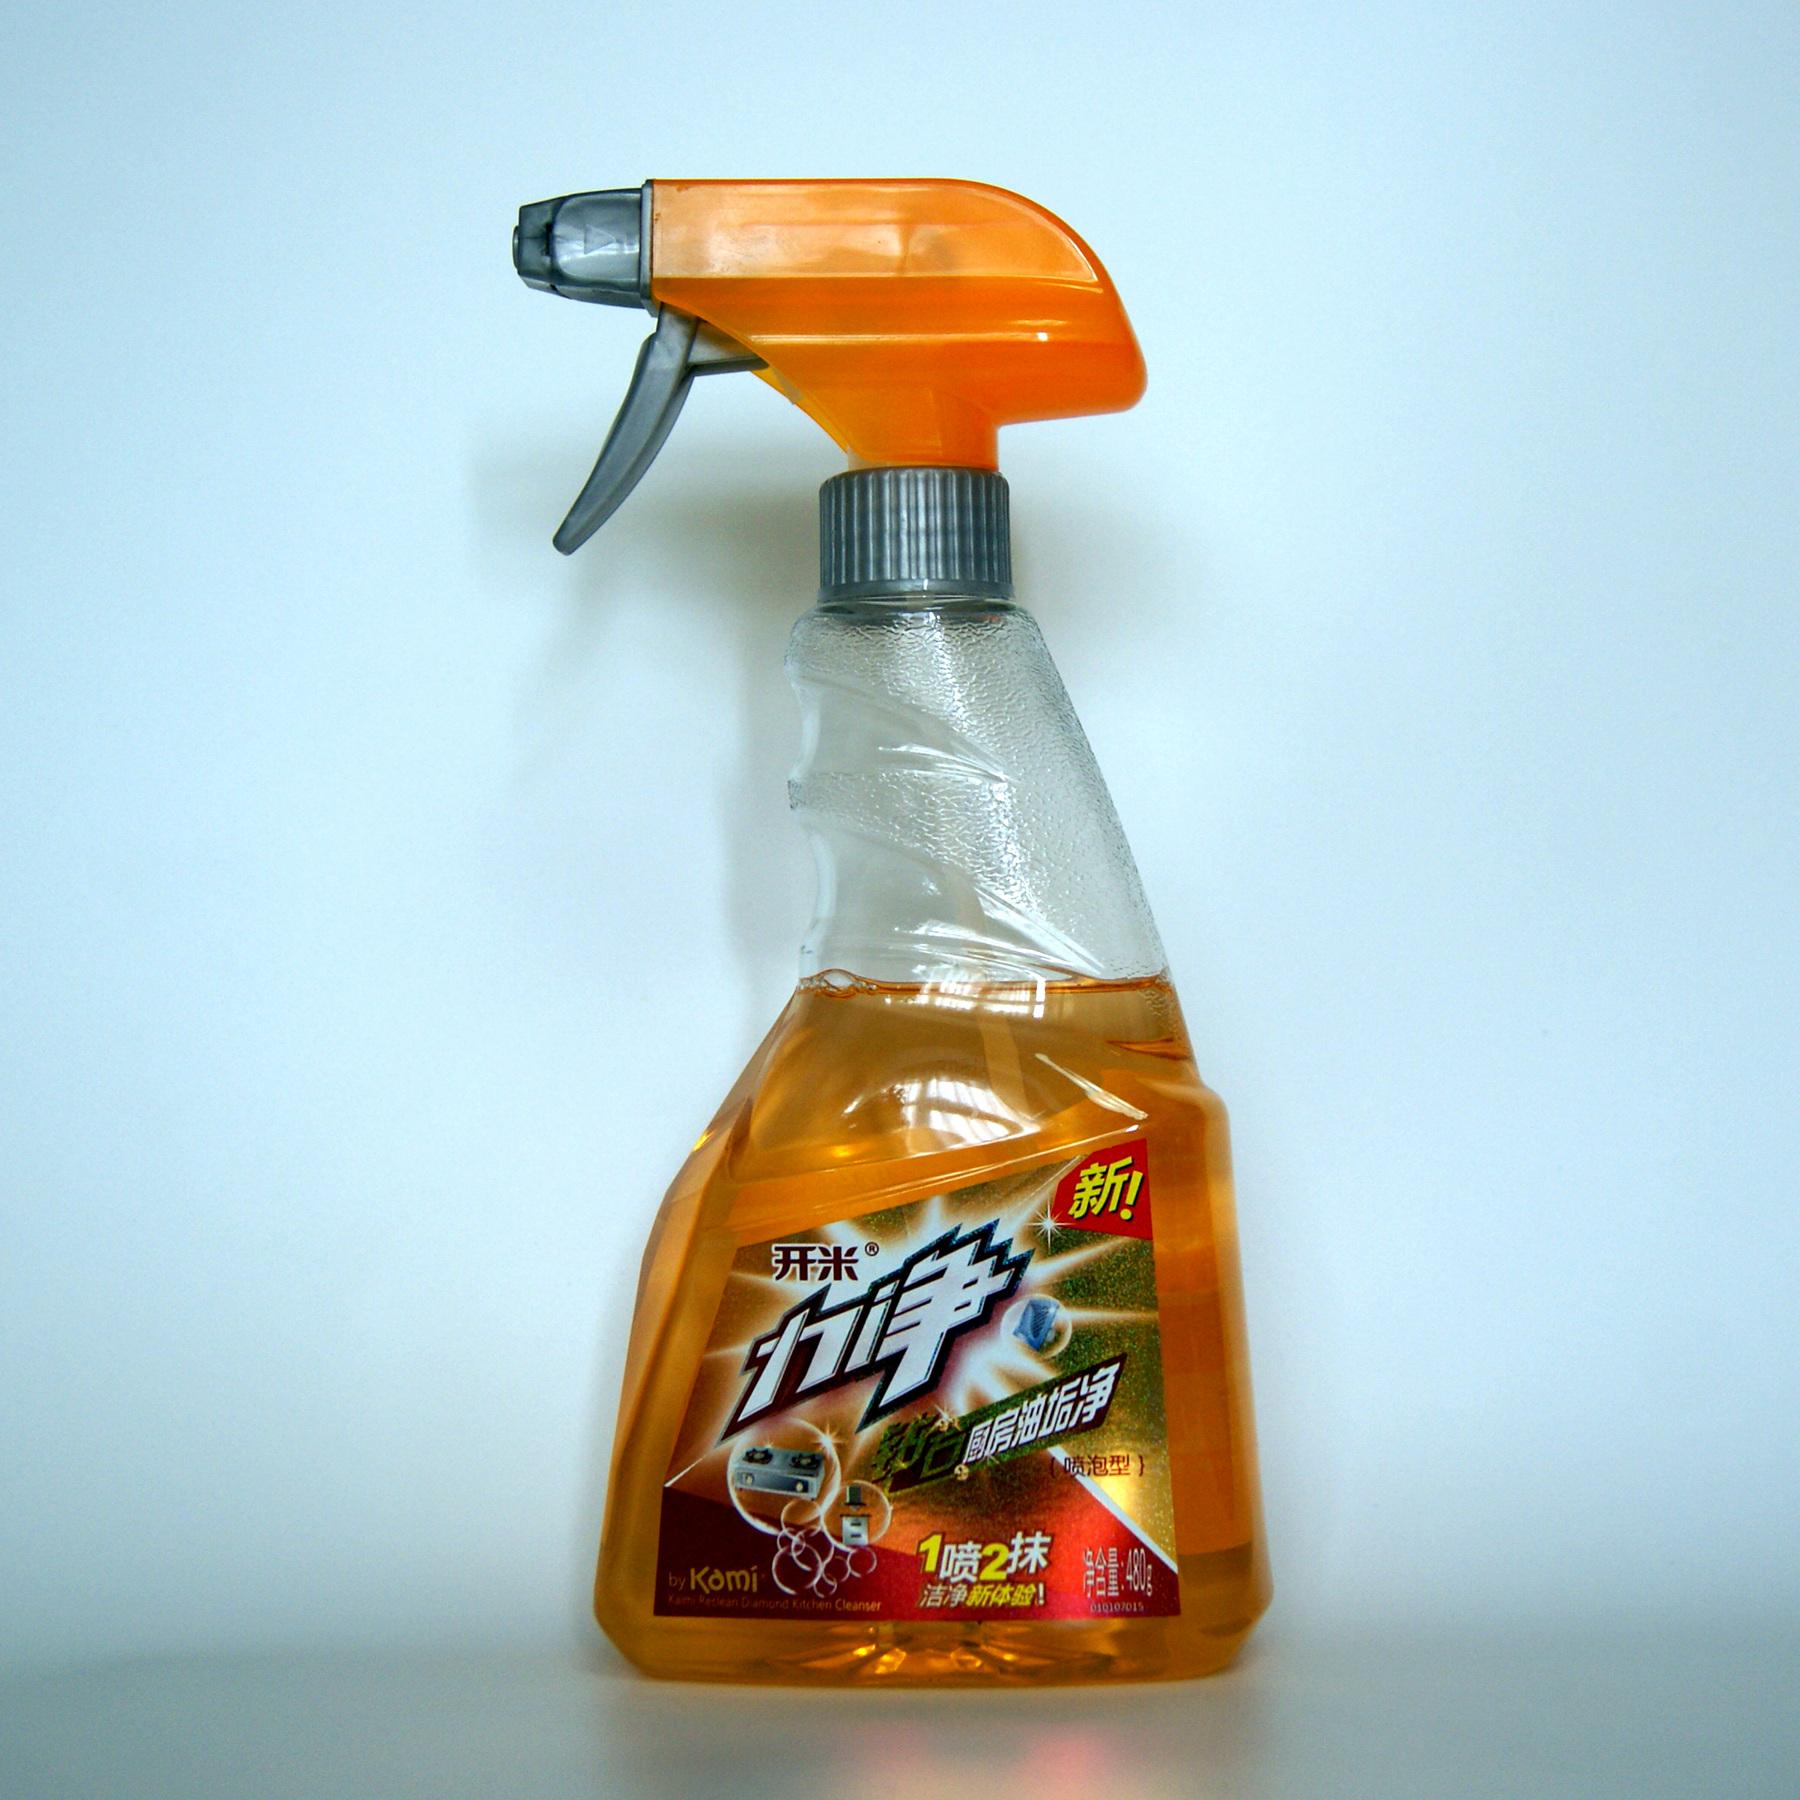 开米力净钻石厨房重油垢油烟清洗剂480g瓶装限时限量特价包邮